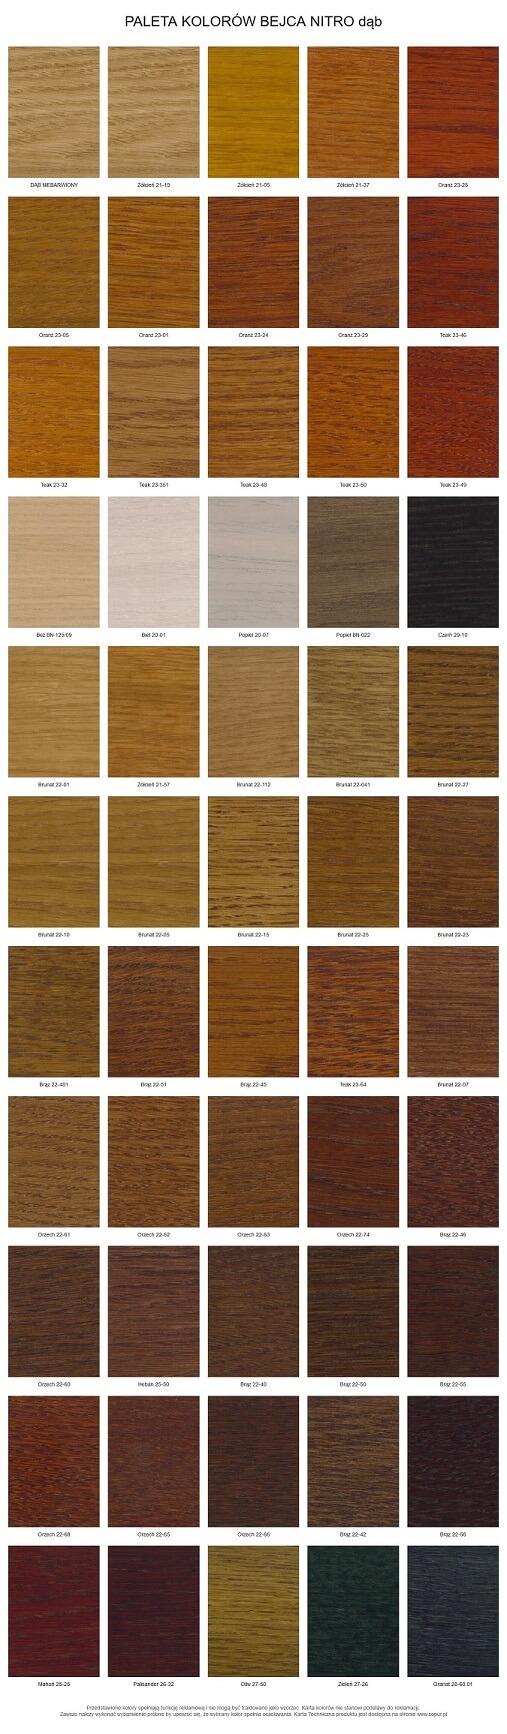 wzornik kolorów dla stołów bilardowych dąb